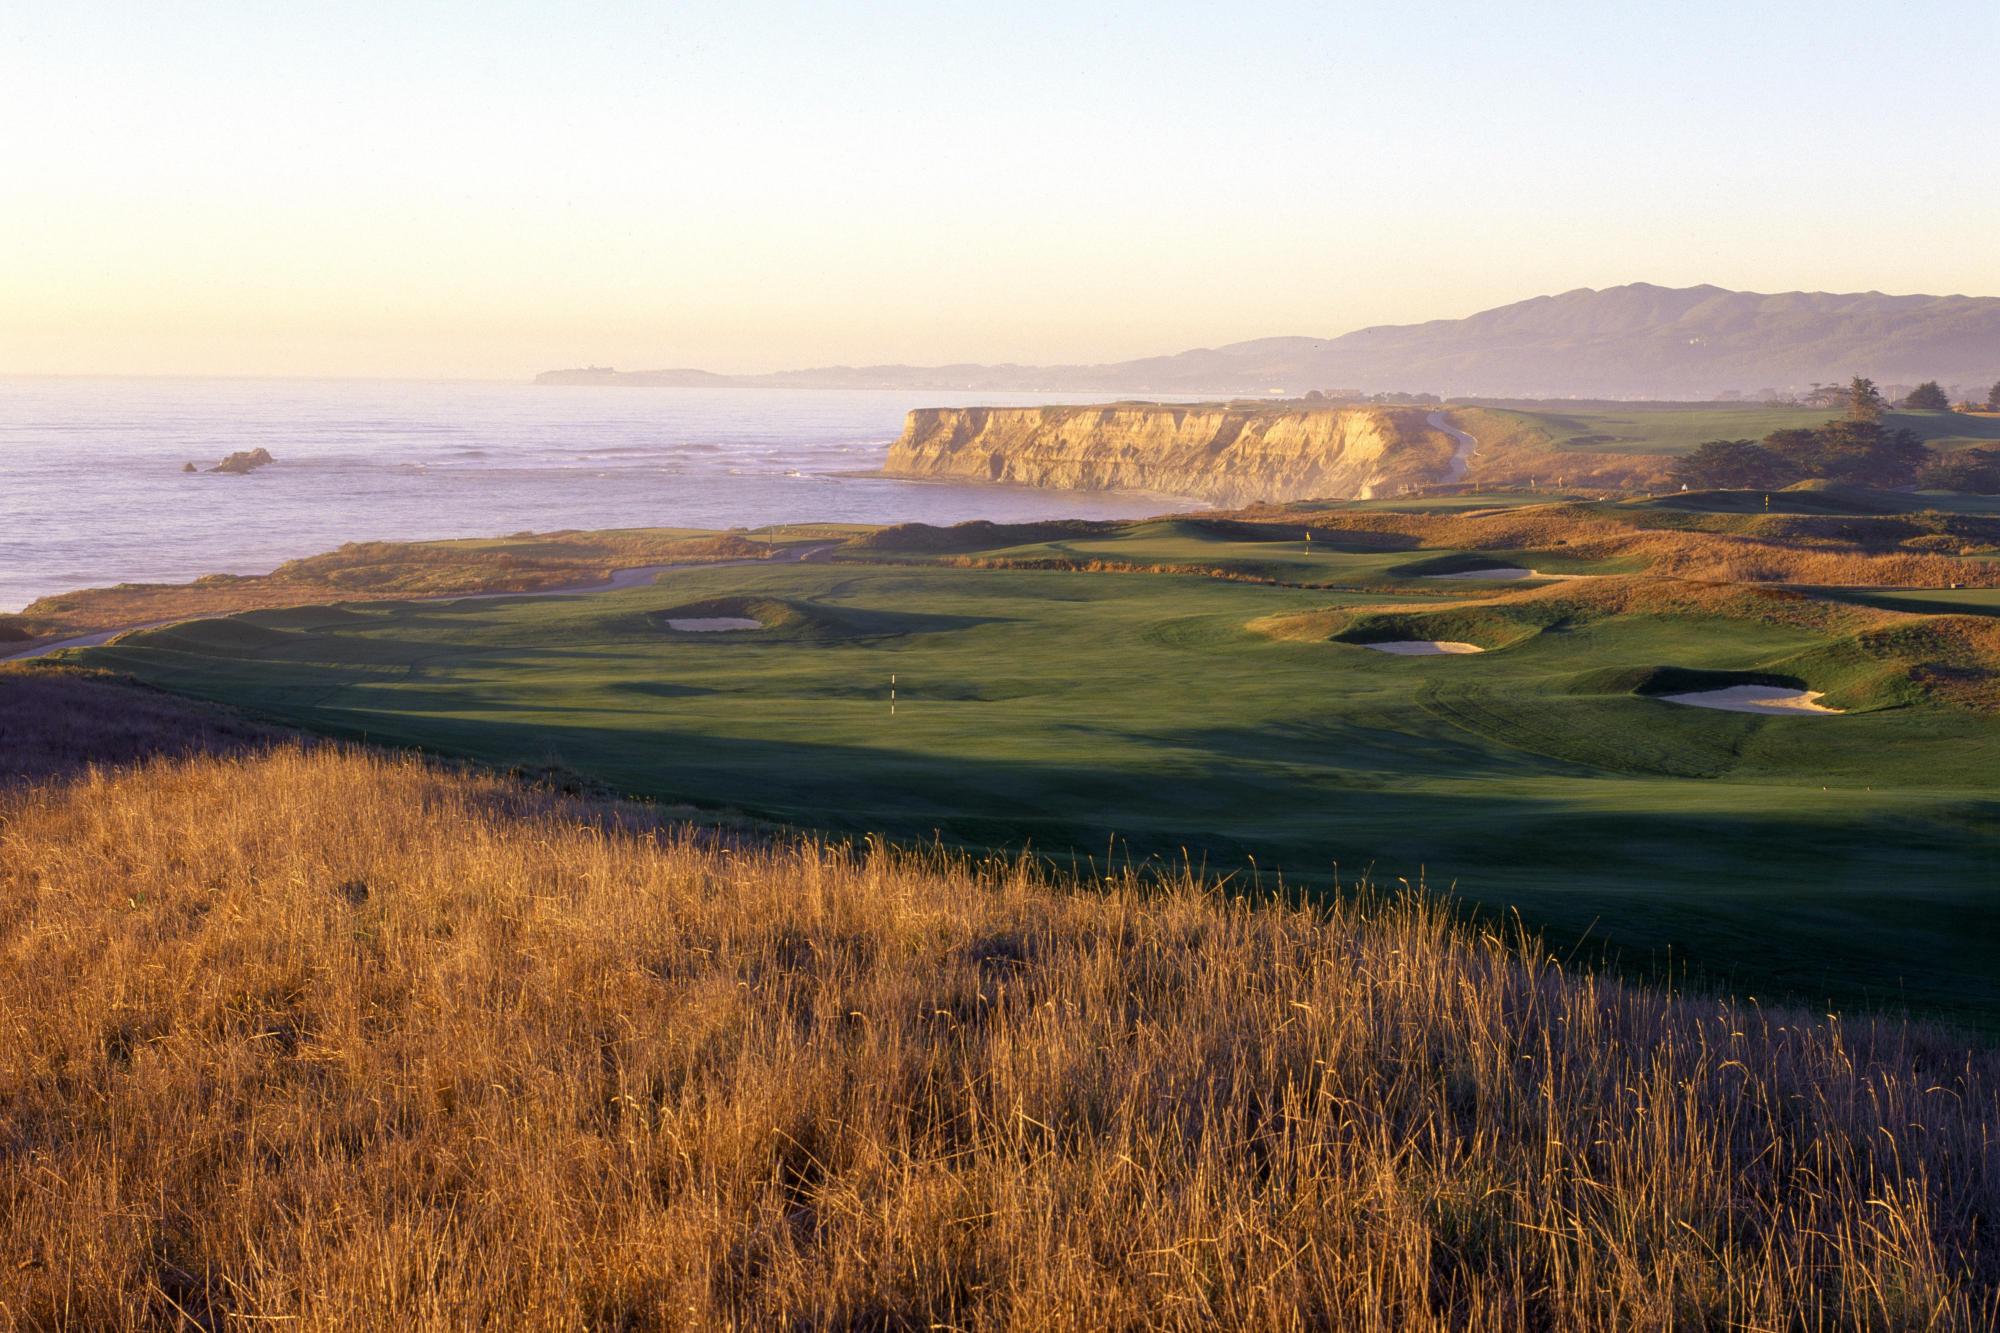 16th-hole-half-moon-bay-california-c2a9-wwwgolfshotscom